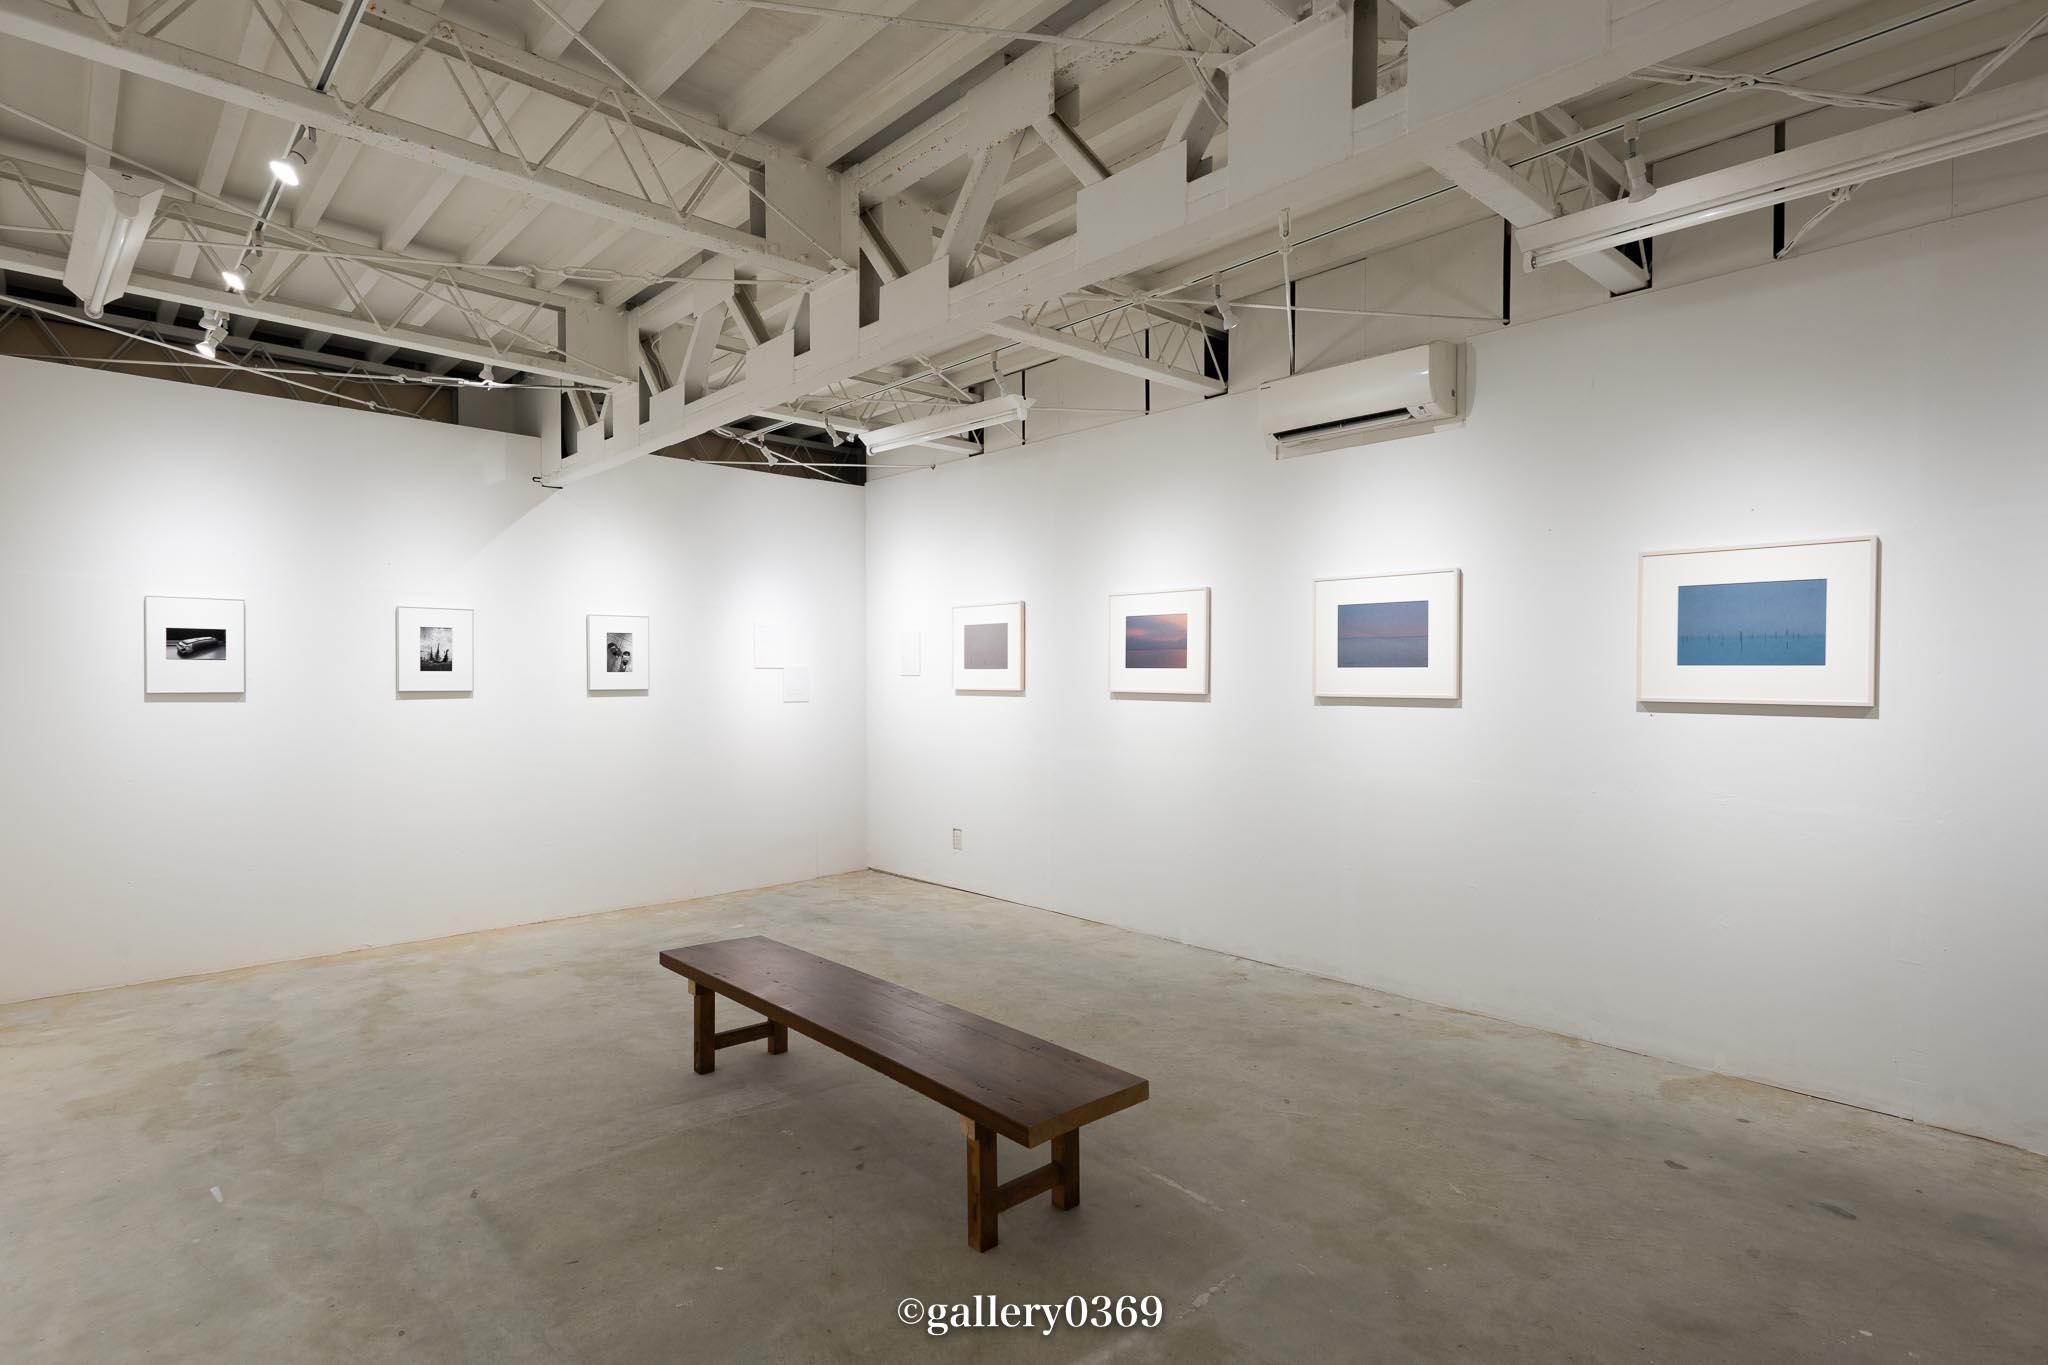 2021年gallery0369櫻井親子写真展展示記録